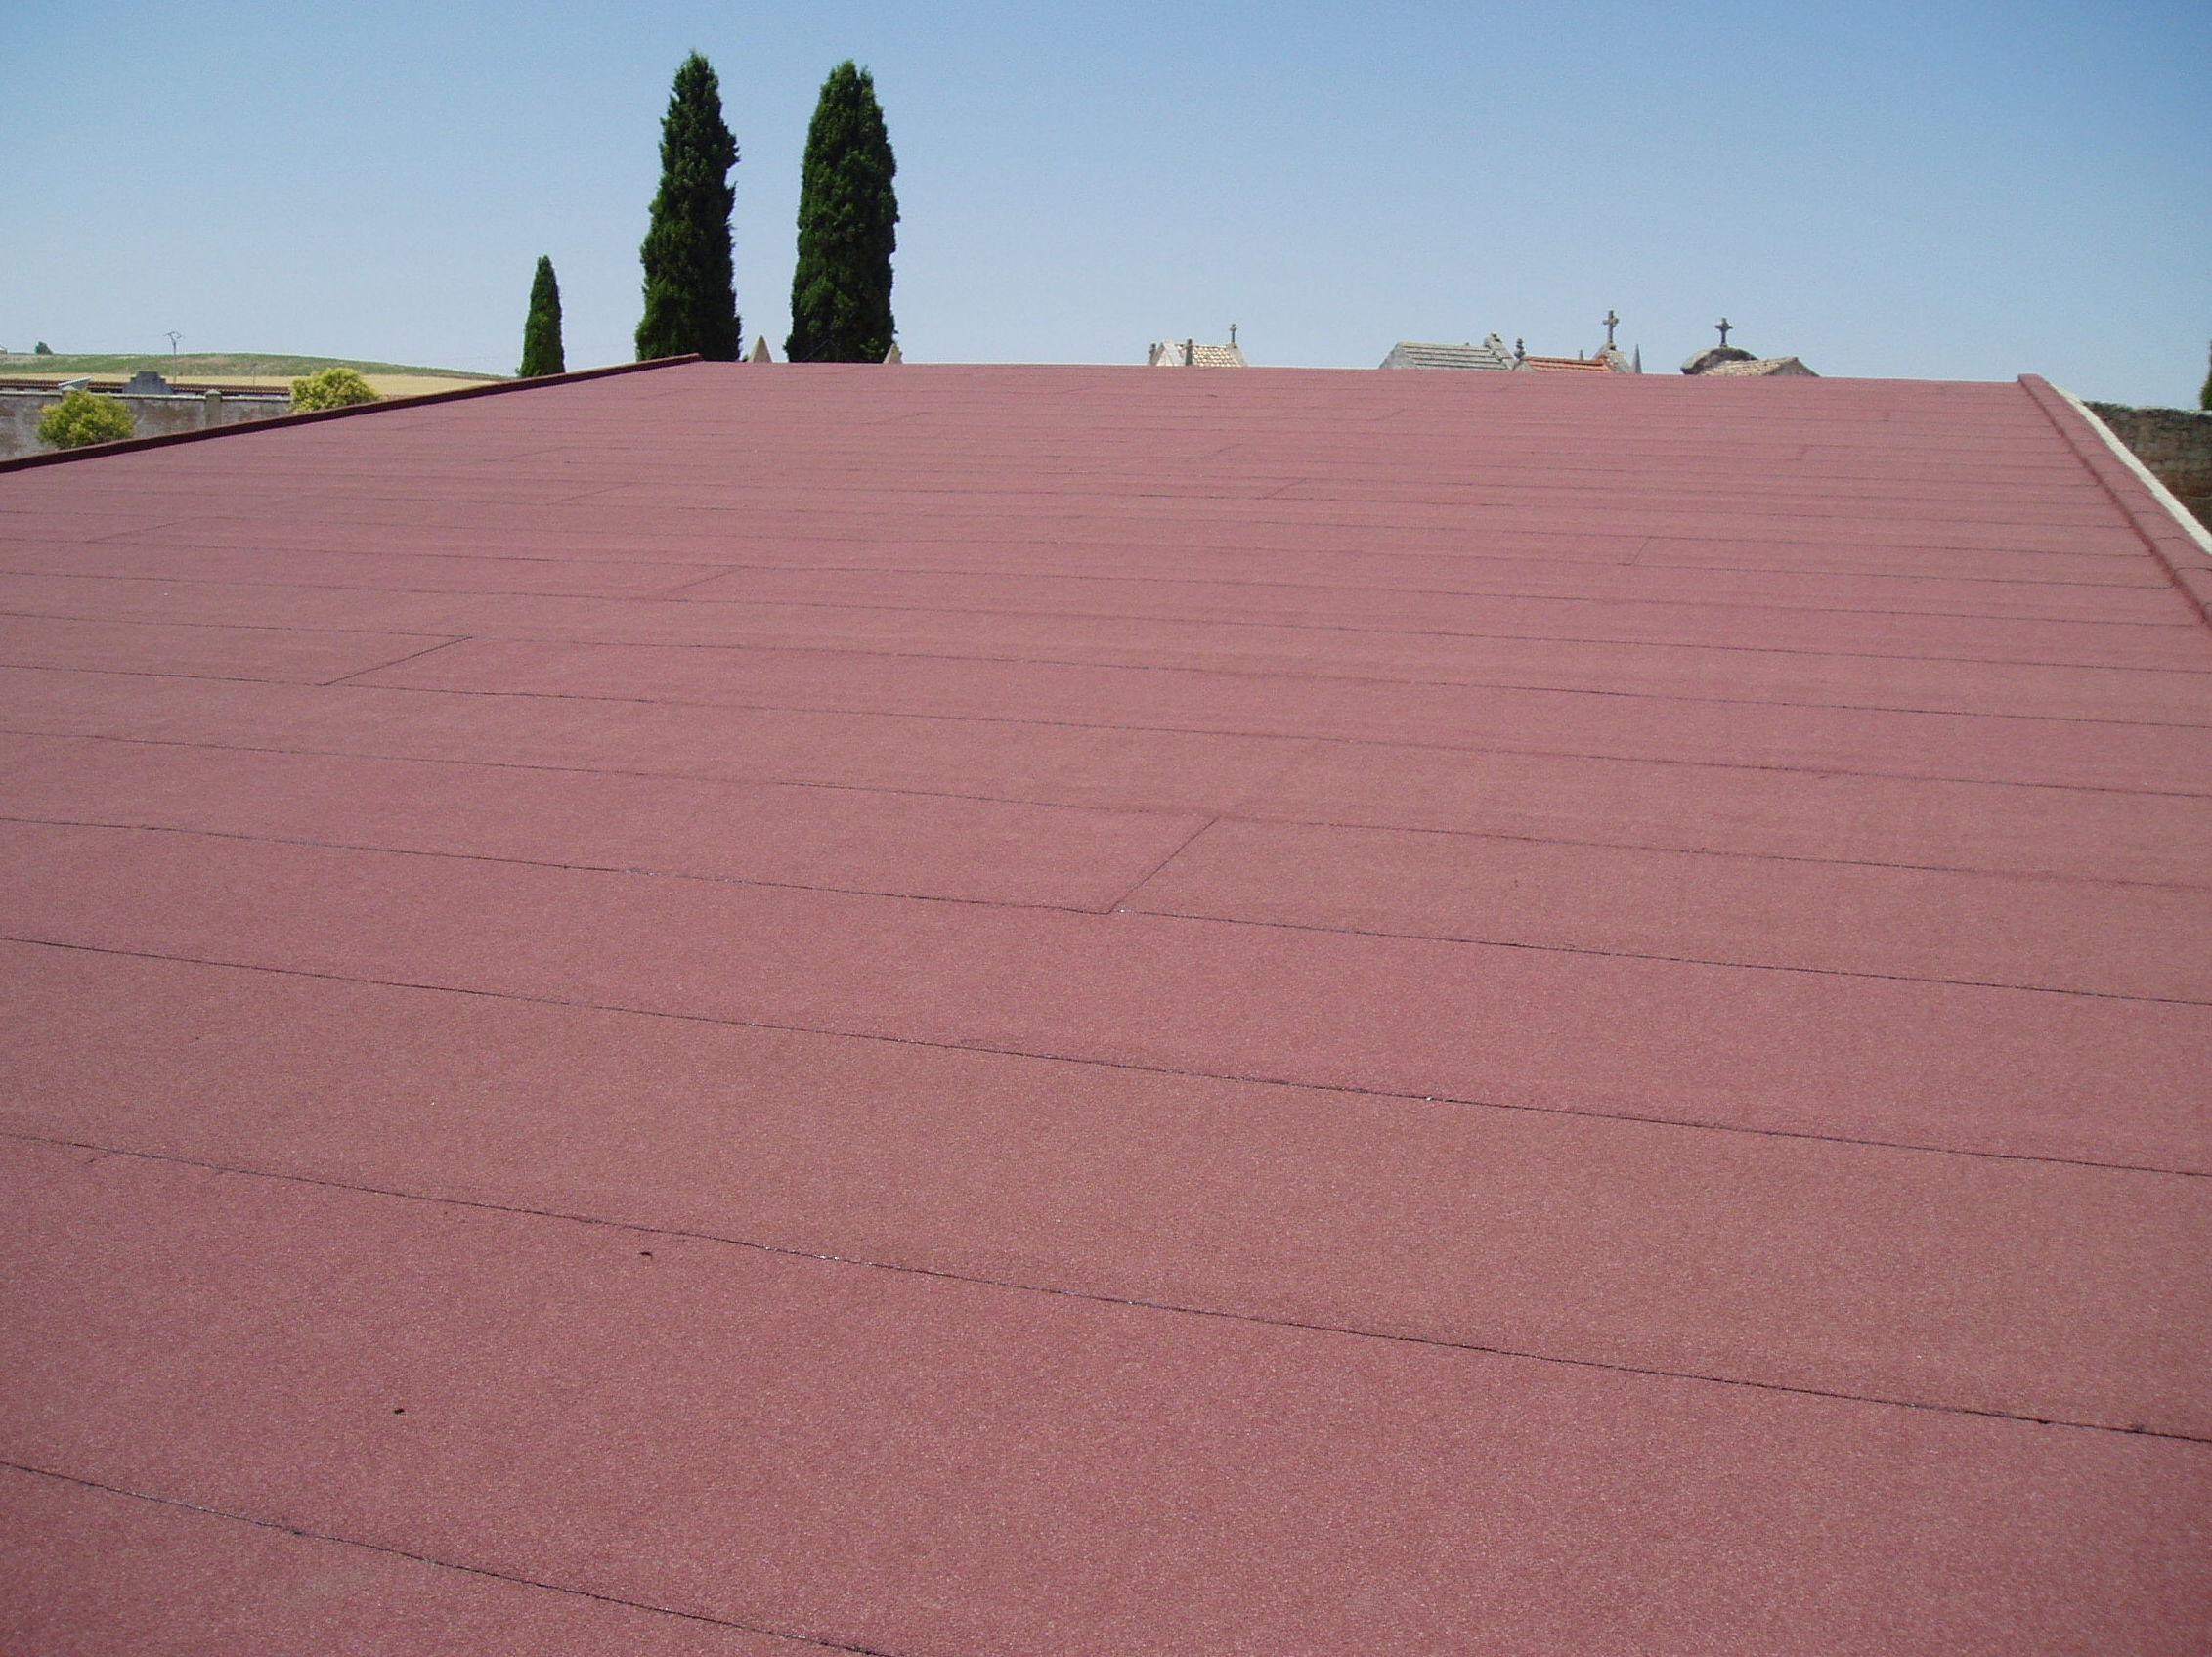 Como poner tela asfaltica en tejado cool tela asfltica for Tela asfaltica para tejados de madera